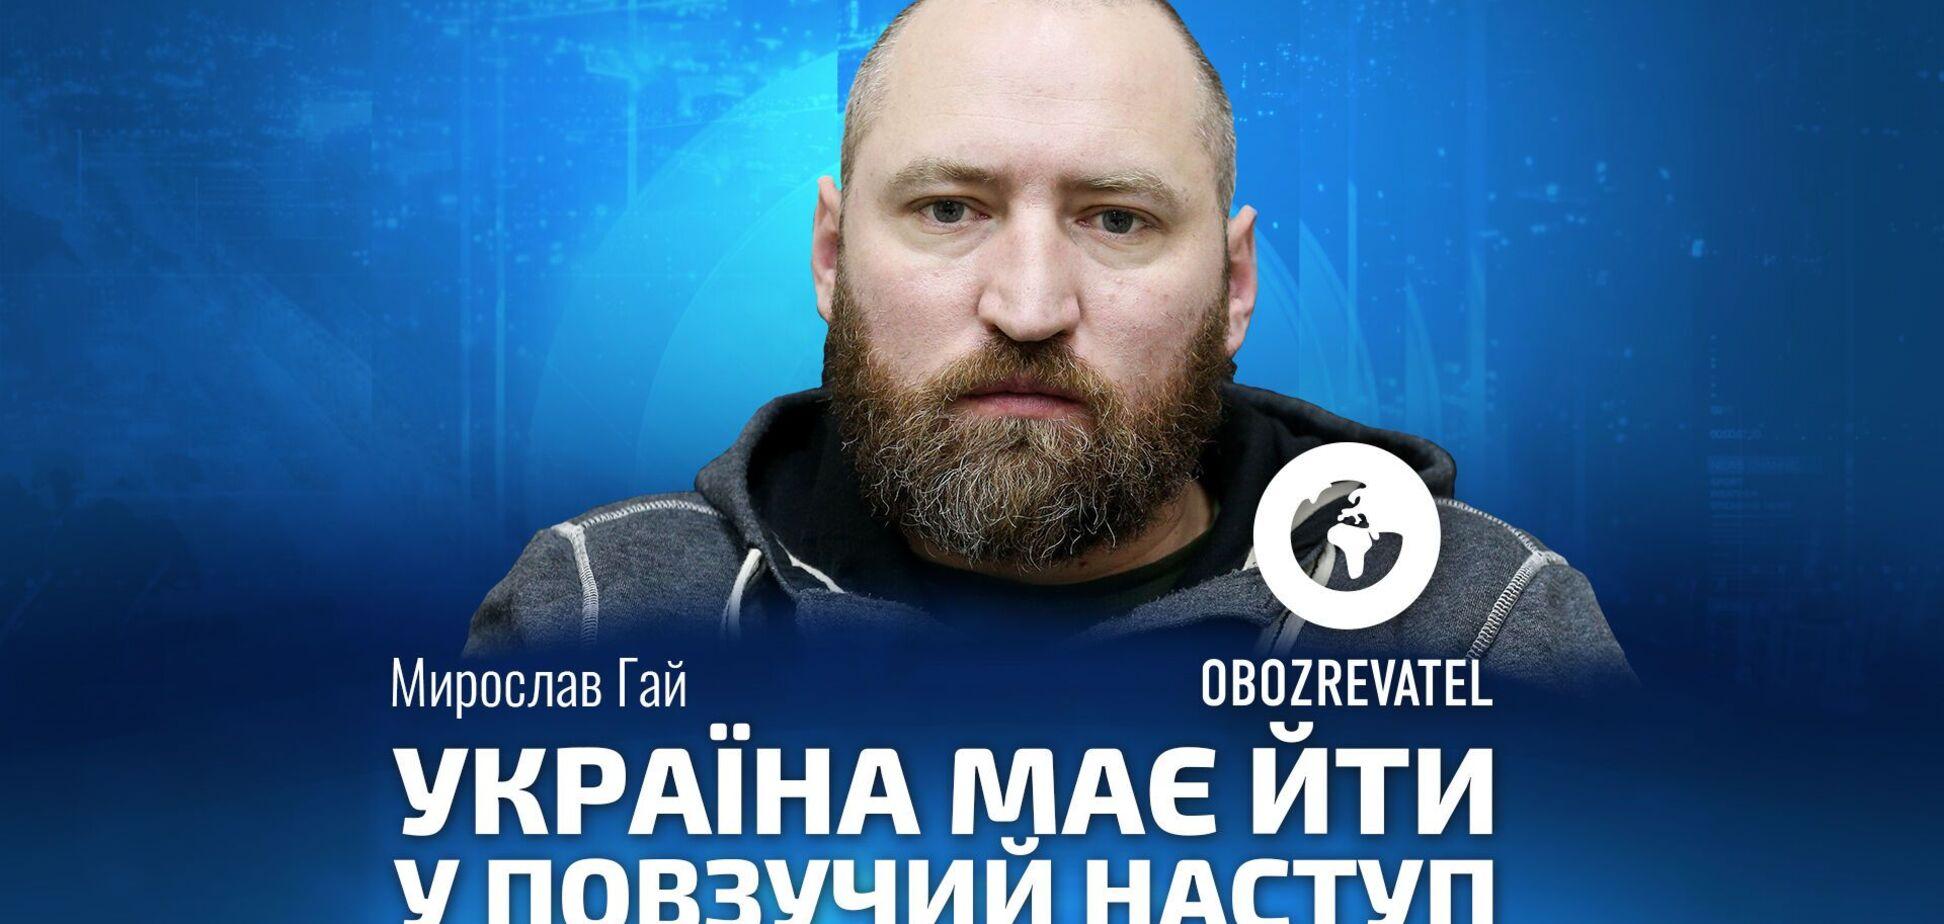 Гай: Україні потрібен повзучий наступ